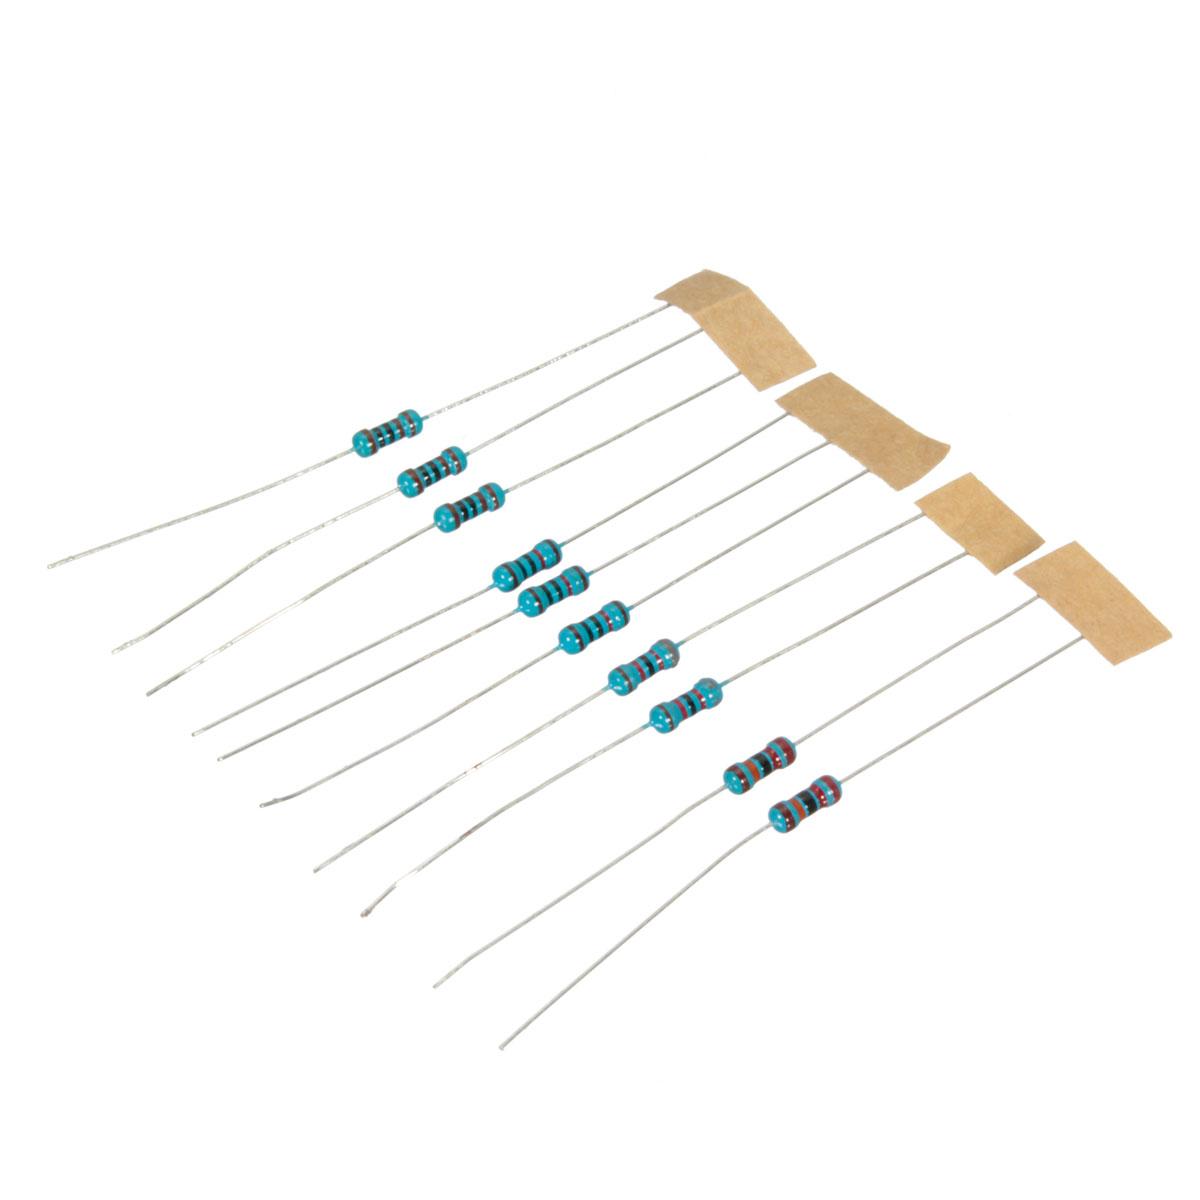 diy ir infrared sensor module switch electronic kit